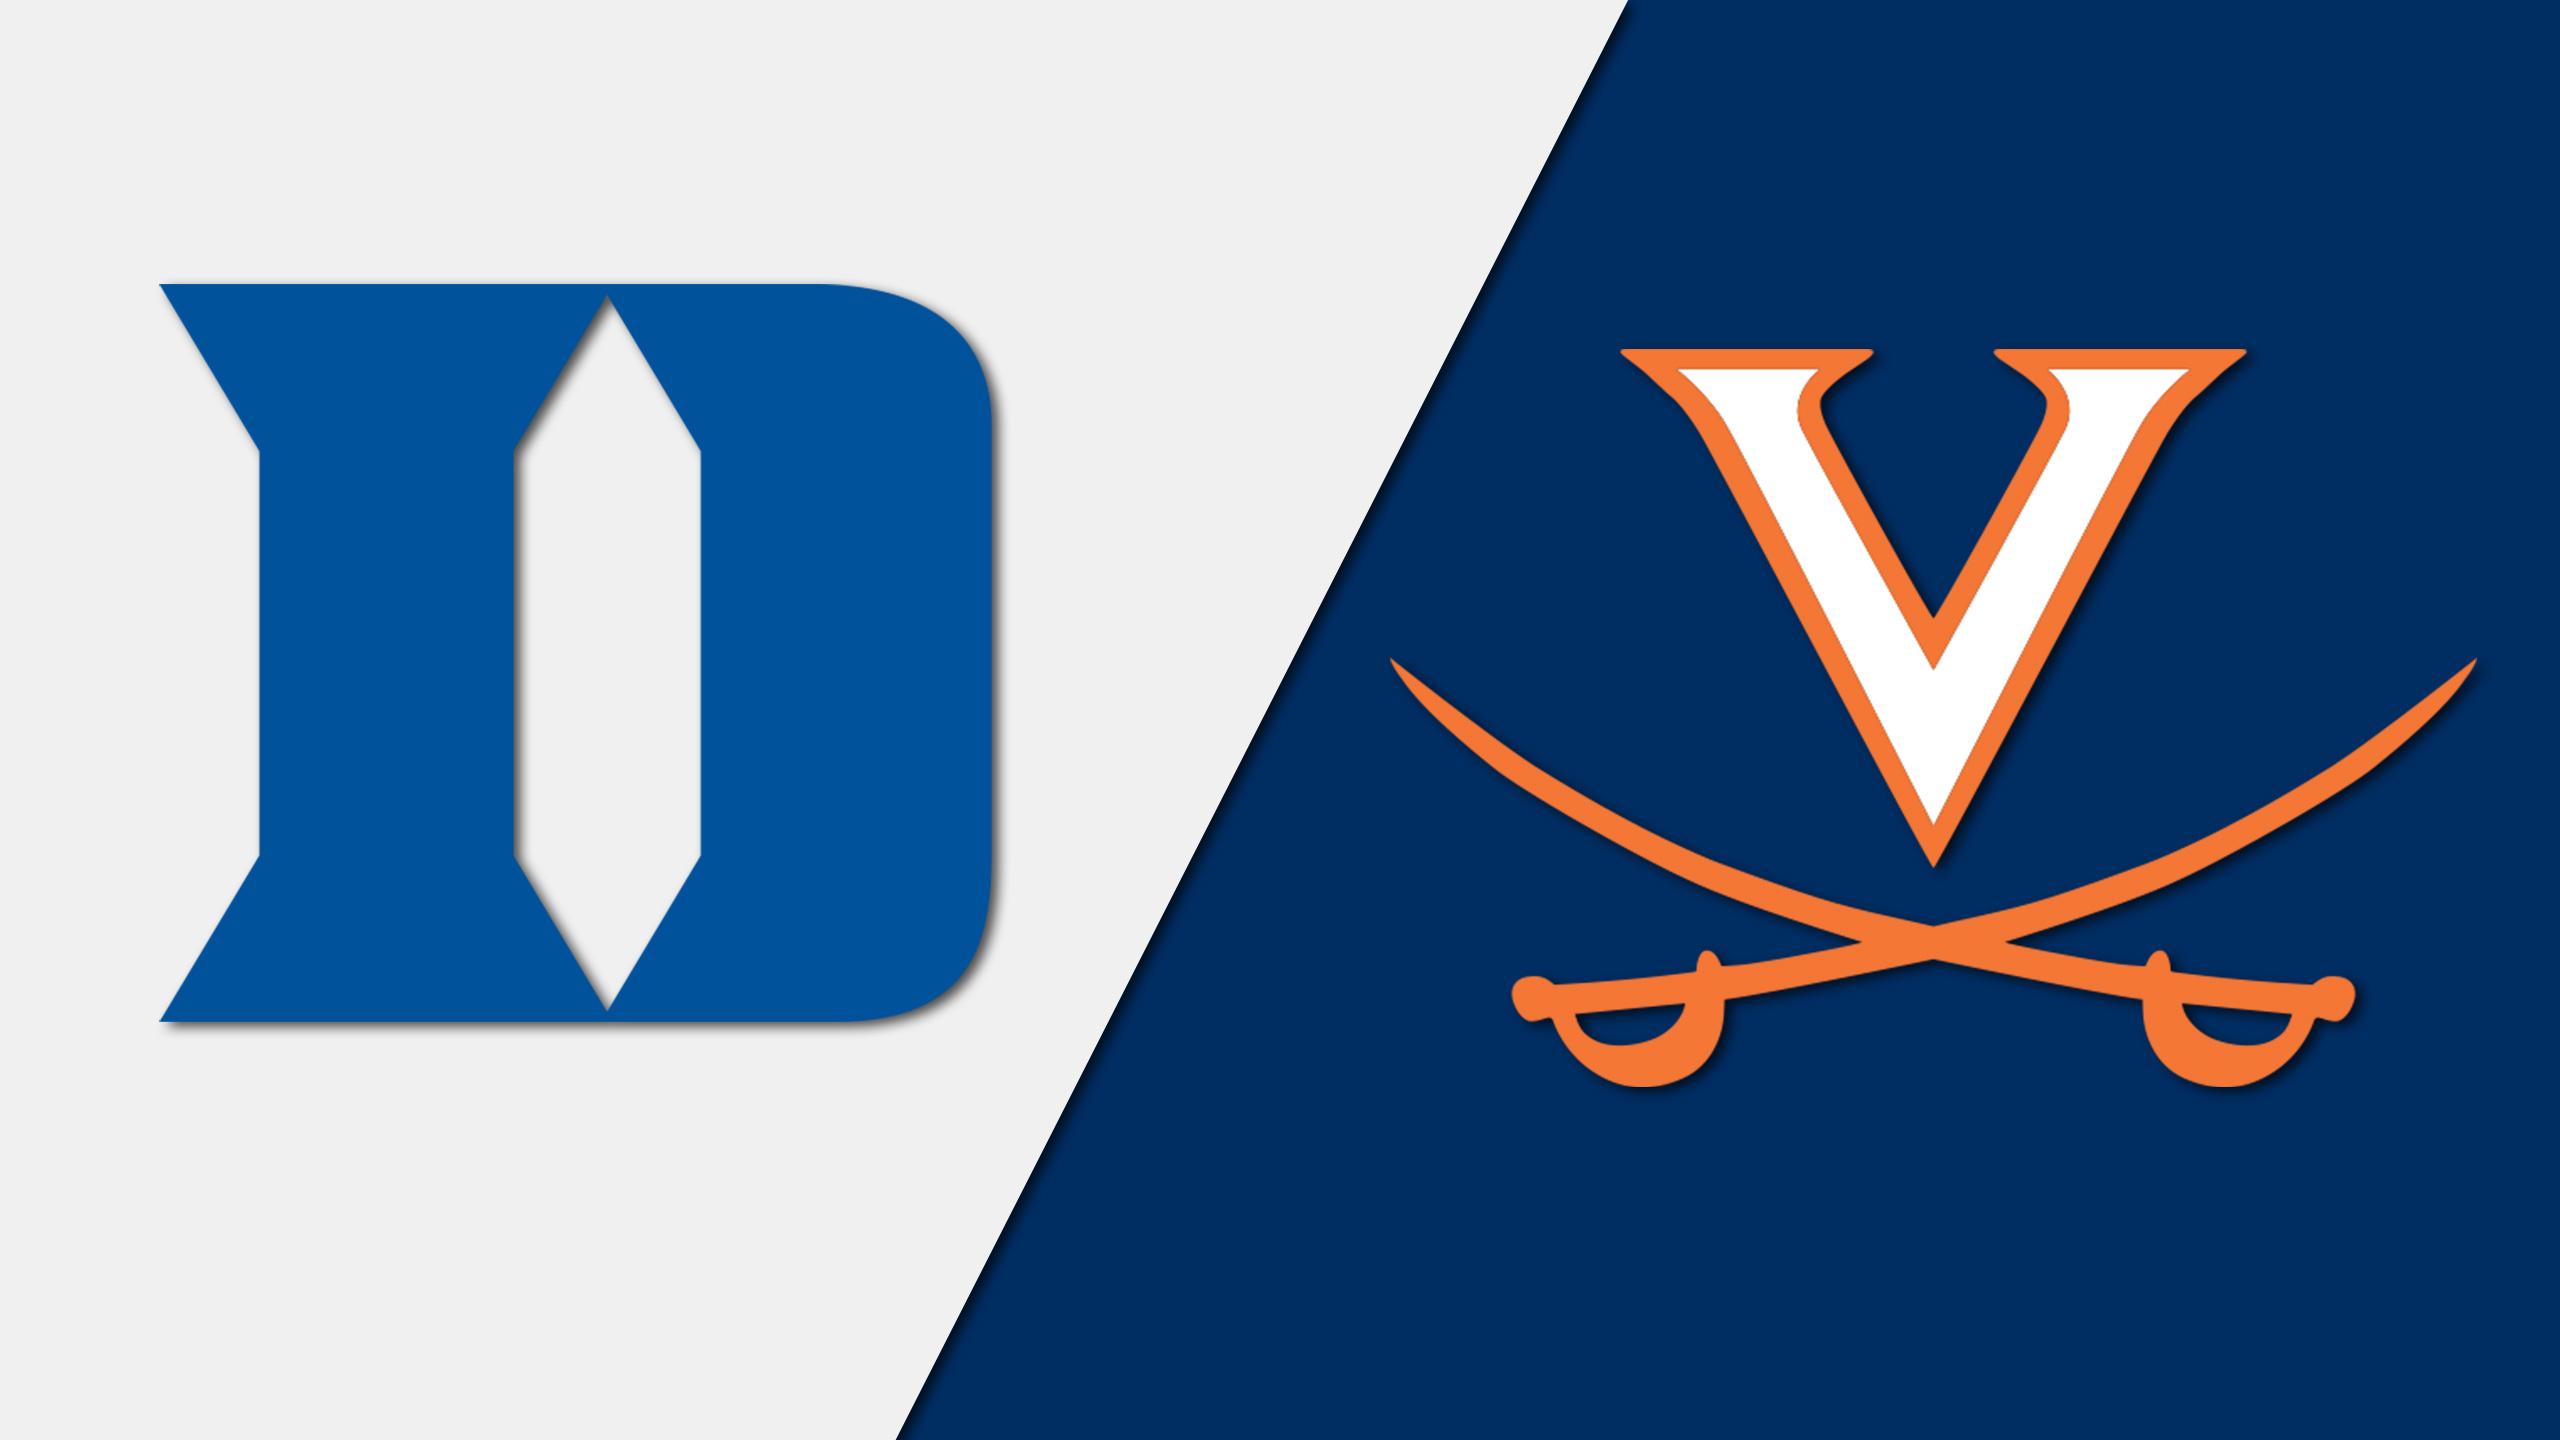 #23 Duke vs. #10 Virginia (M Soccer)